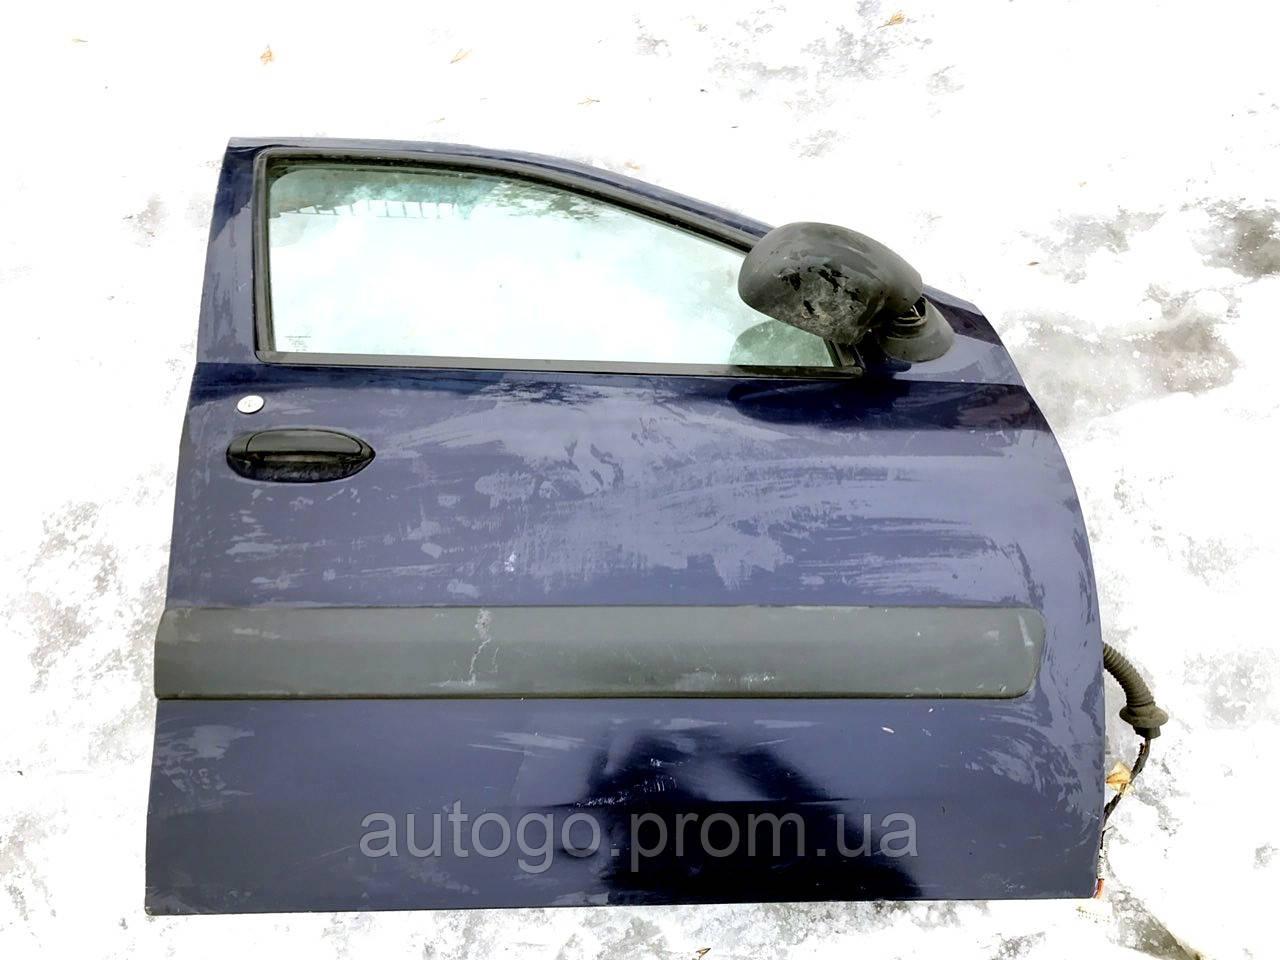 Дверь передняя правая Renault Dacia Logan, фото 1